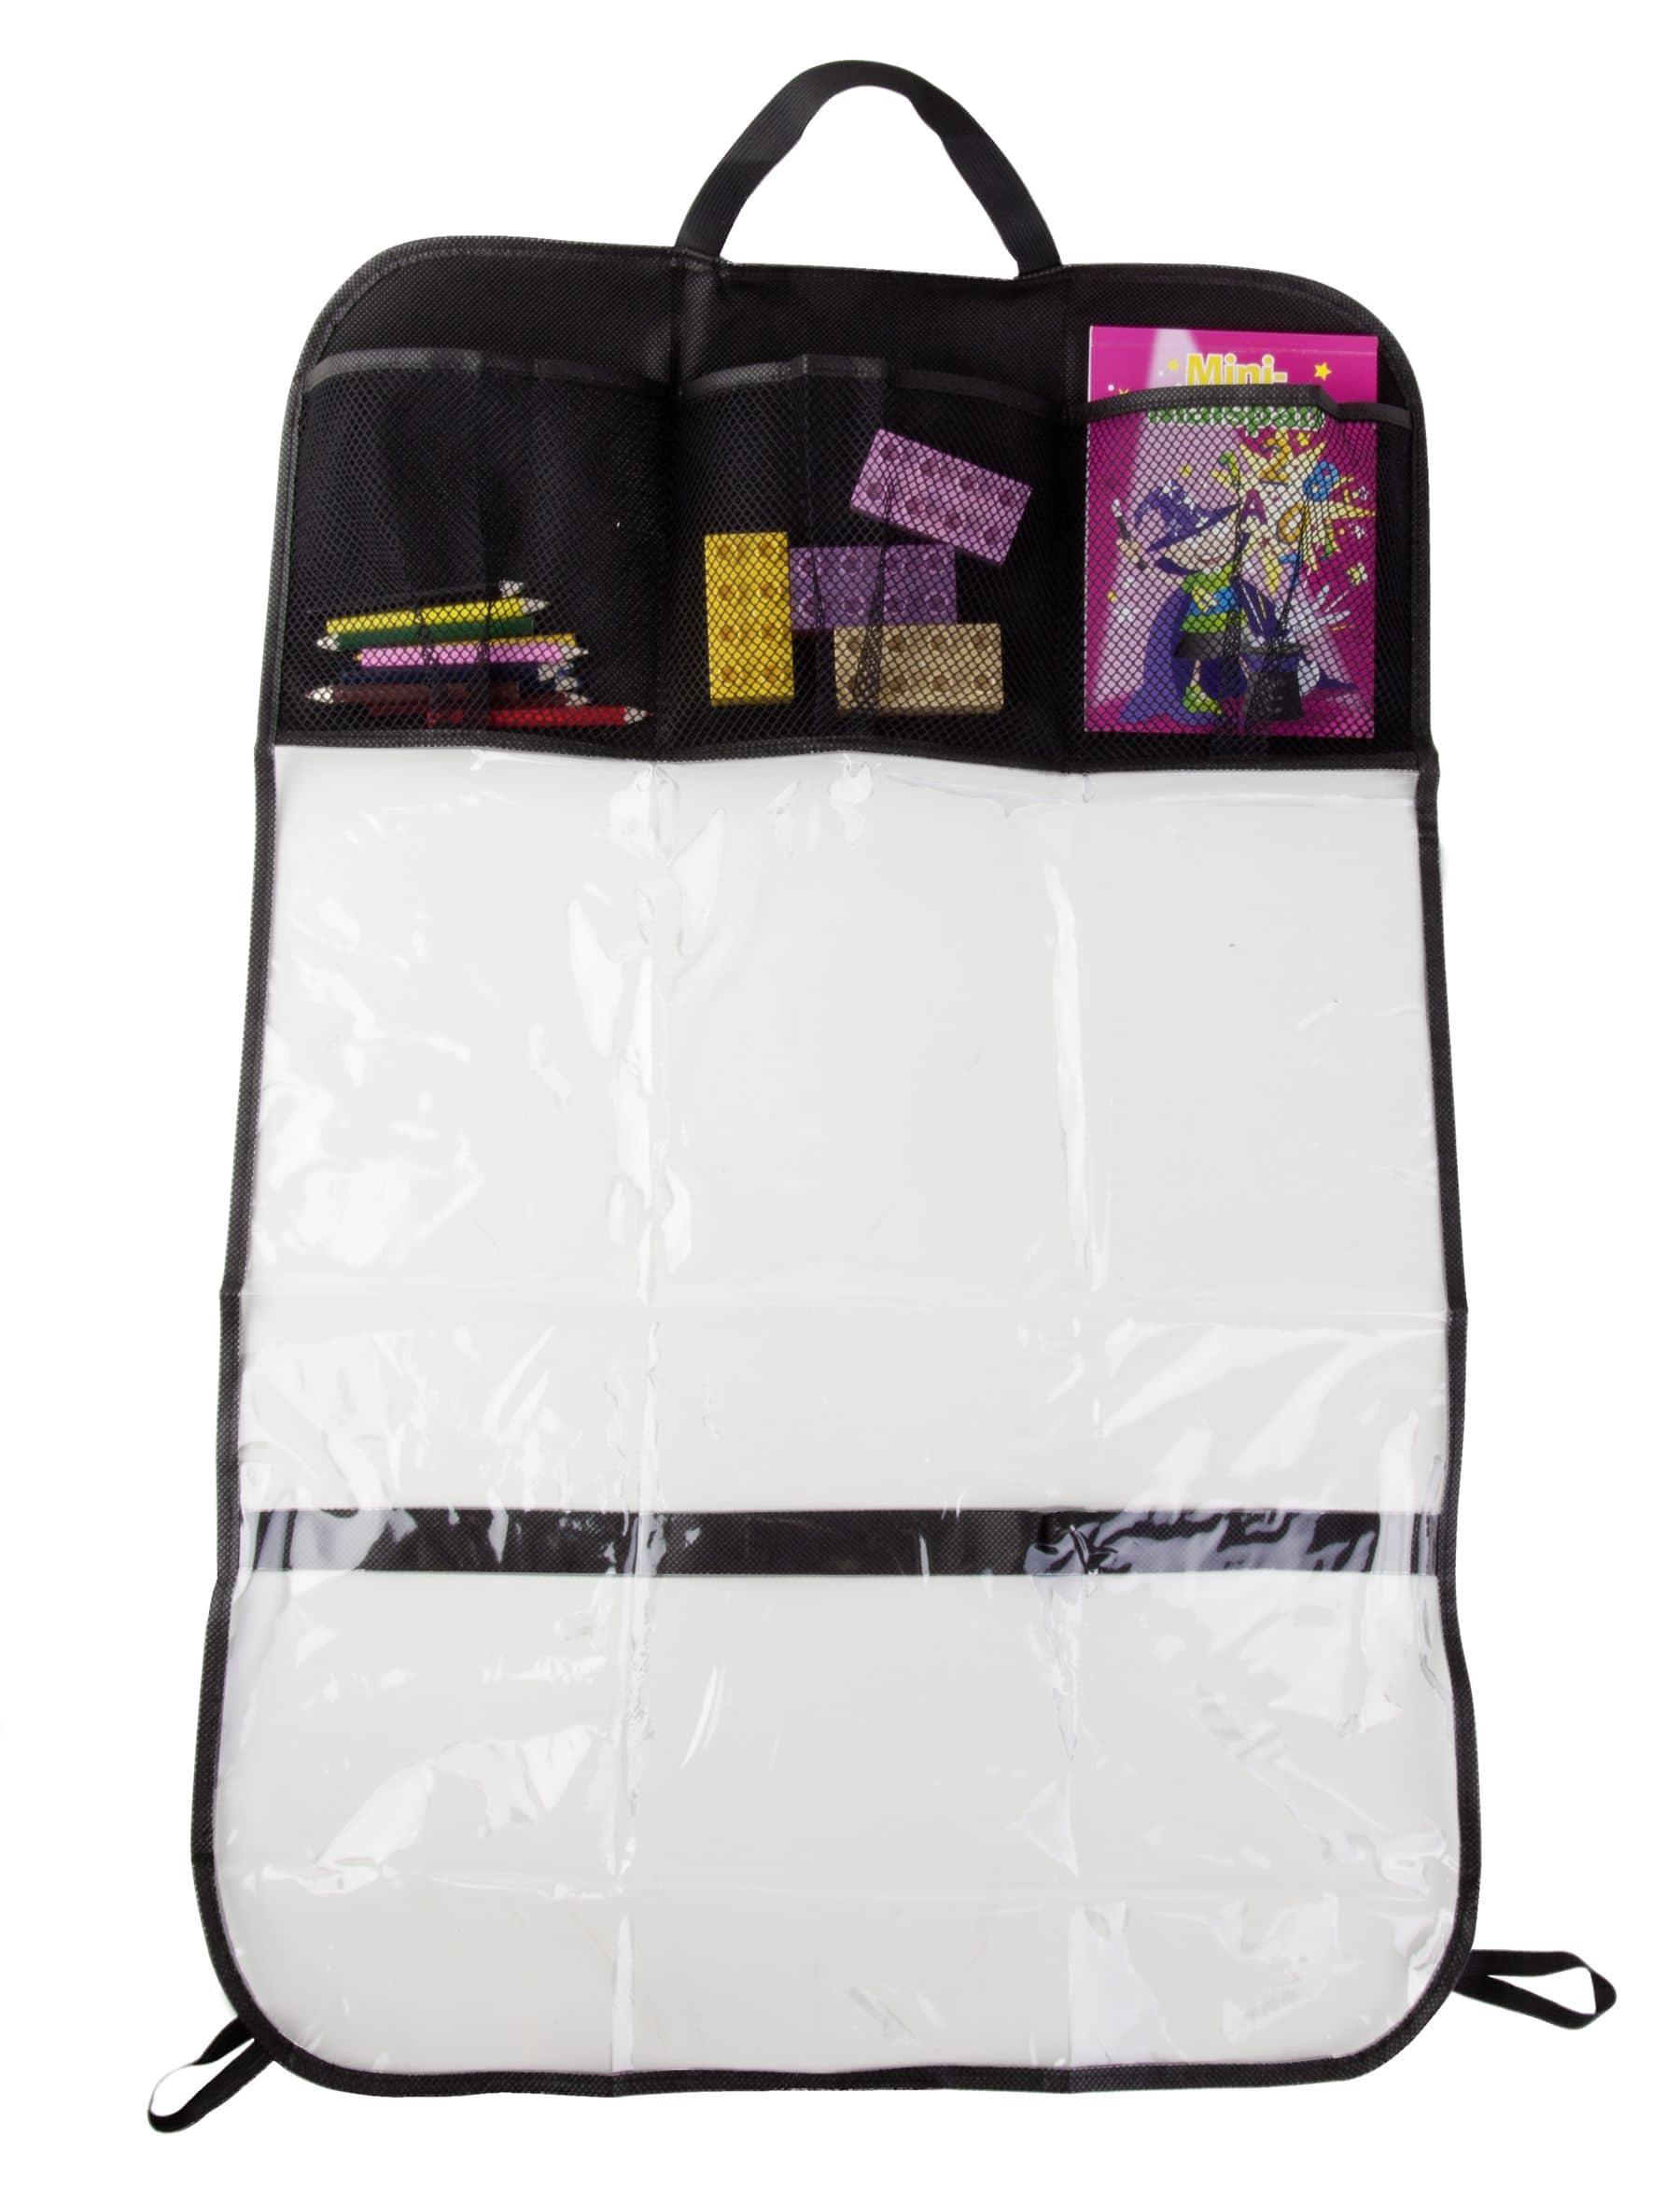 autositz r ckenlehnenschutz mit taschen g nstig online kaufen. Black Bedroom Furniture Sets. Home Design Ideas